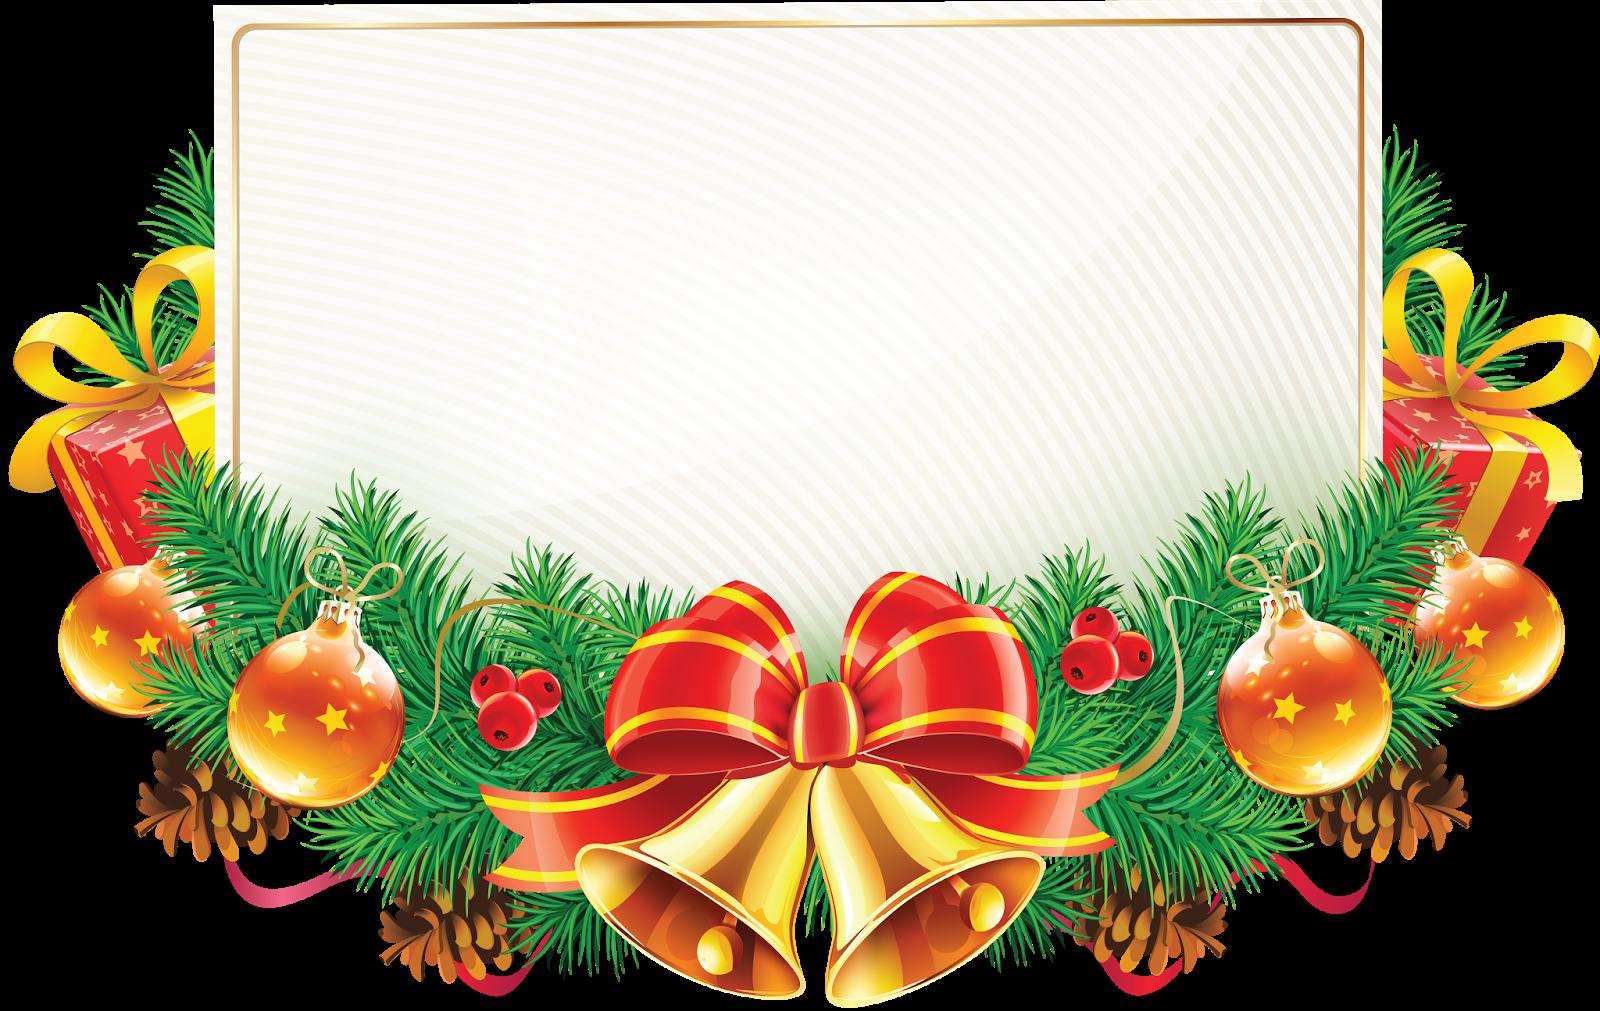 Adornos de corazon para navidad im genes de amor con - Adornos navidenos para comercios ...